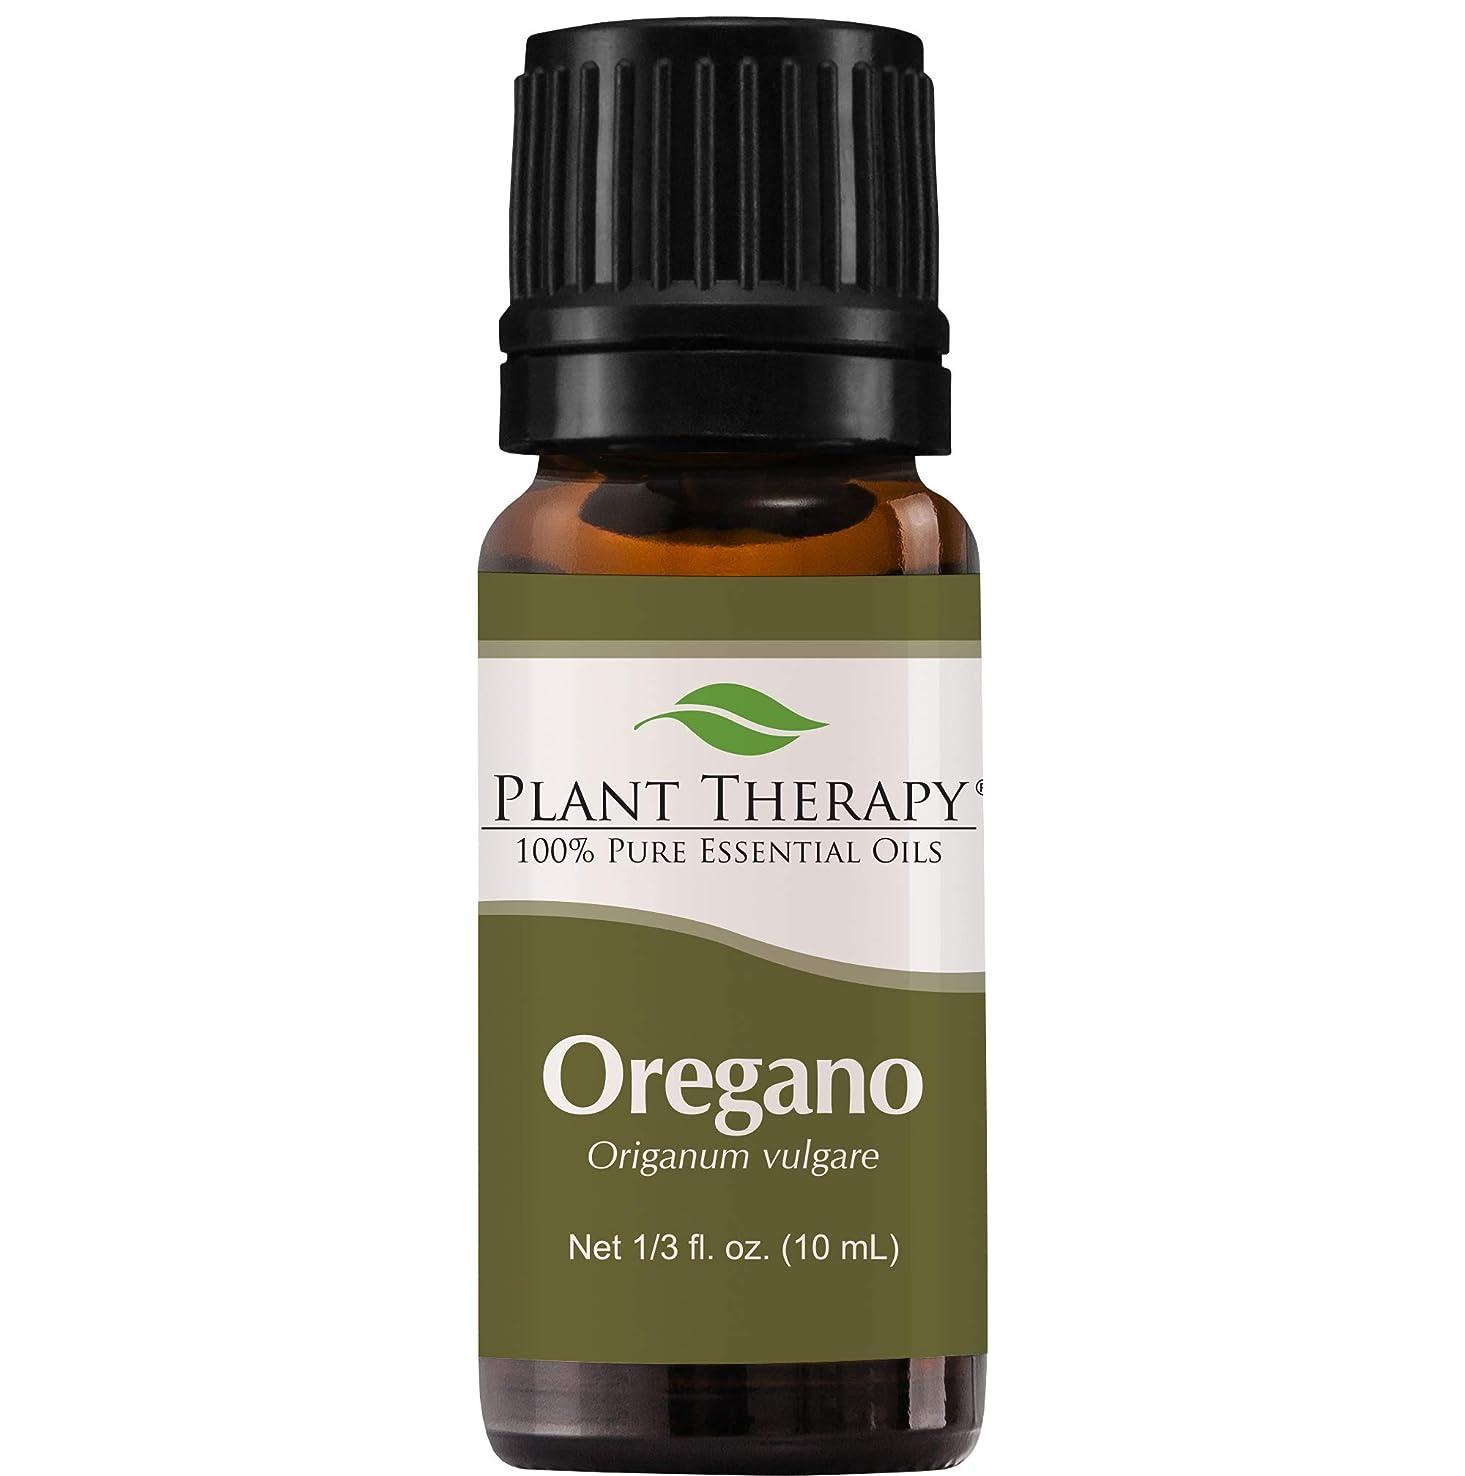 乳白祖父母を訪問プレミアPlant Therapy Essential Oils (プラントセラピー エッセンシャルオイル) オレガノ (オリガヌム) エッセンシャルオイル